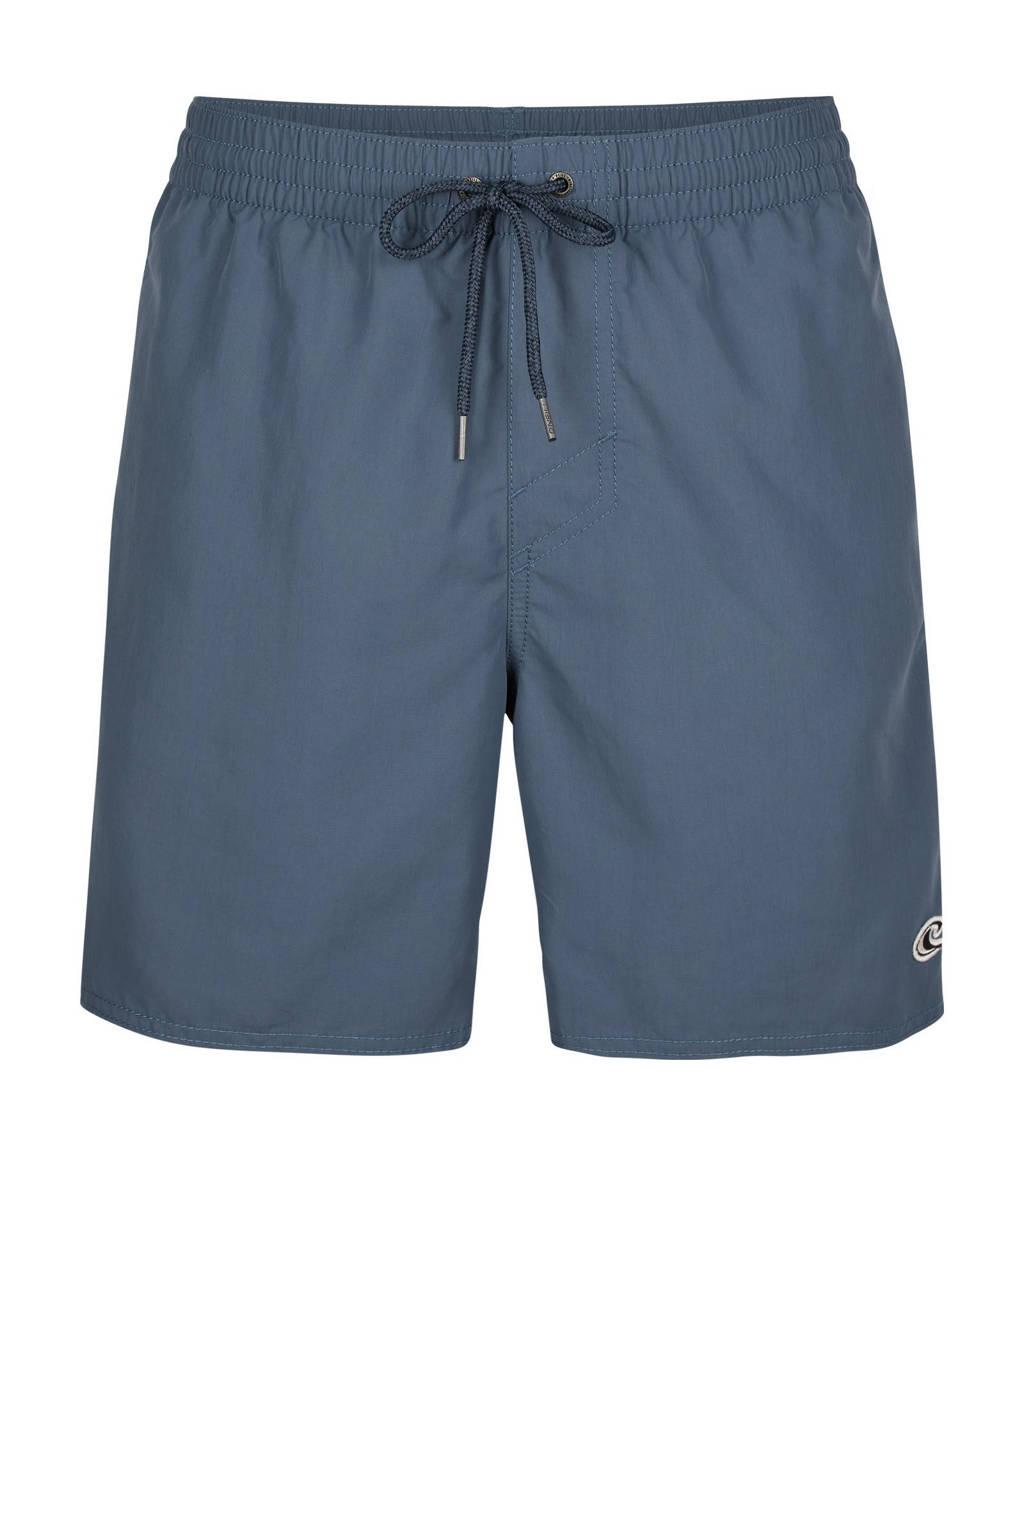 O'Neill zwemshort blauw, Blauw